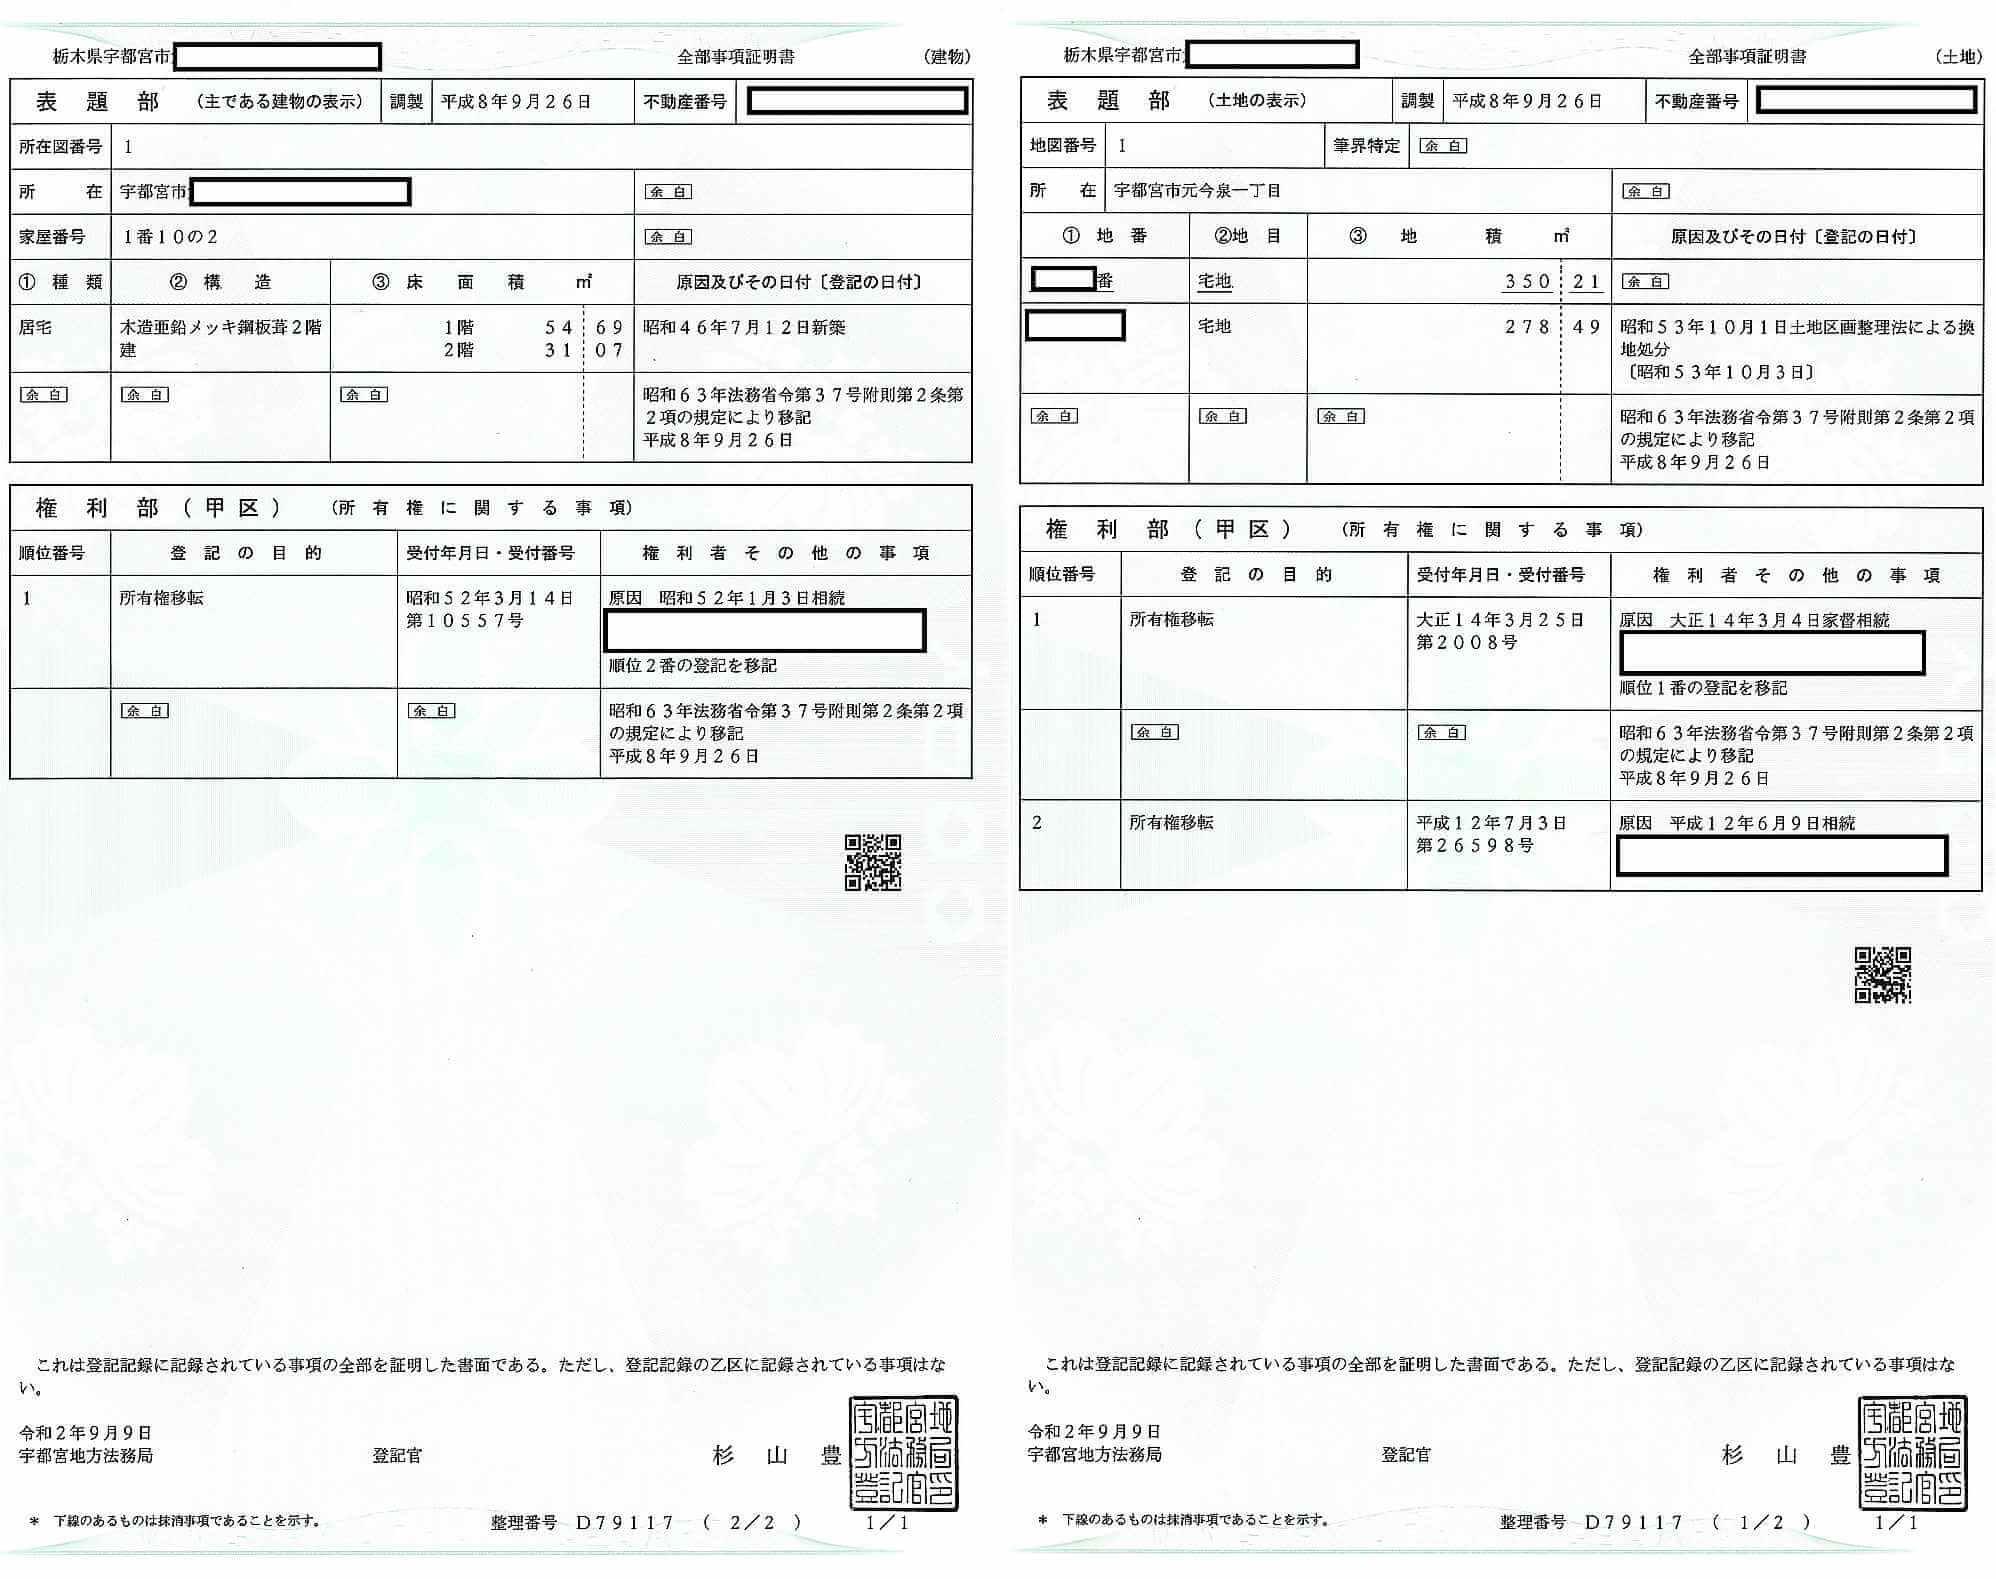 解体前登記資料(建物+土地)